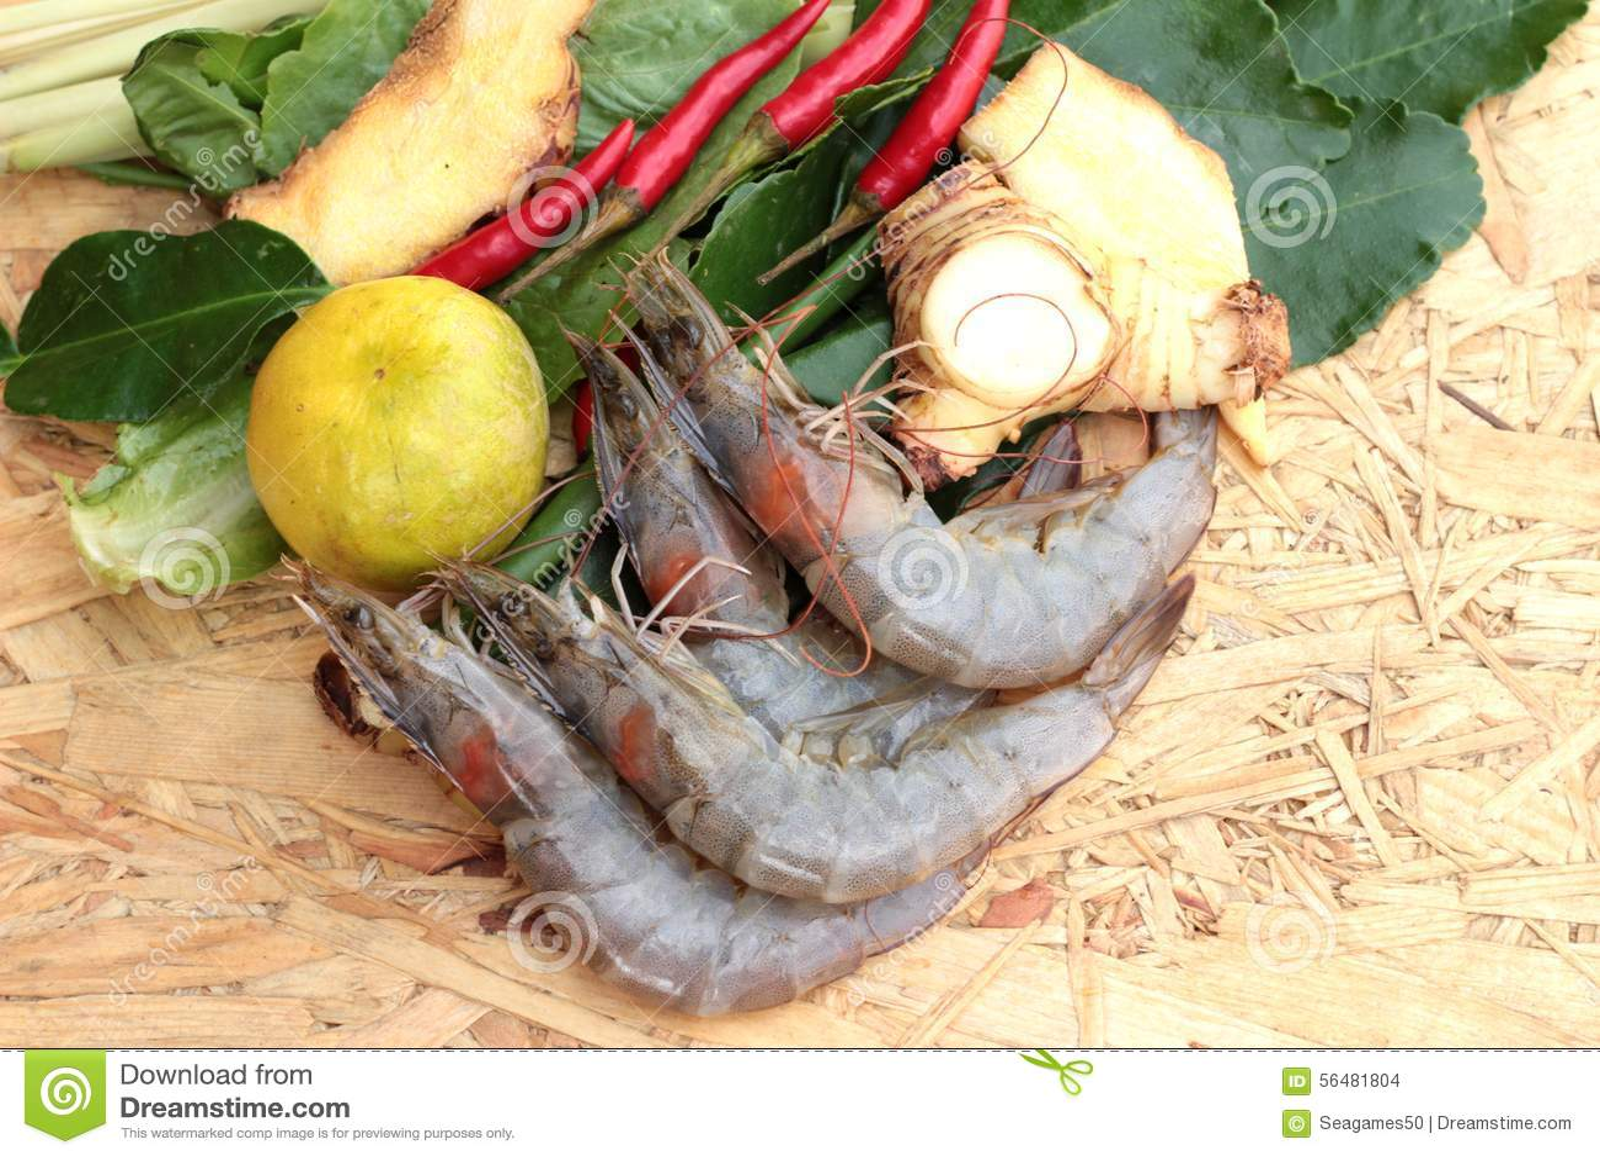 Crevette et citron, piment, nard indien, feuilles de chaux de kaffir pour la soupe épicée